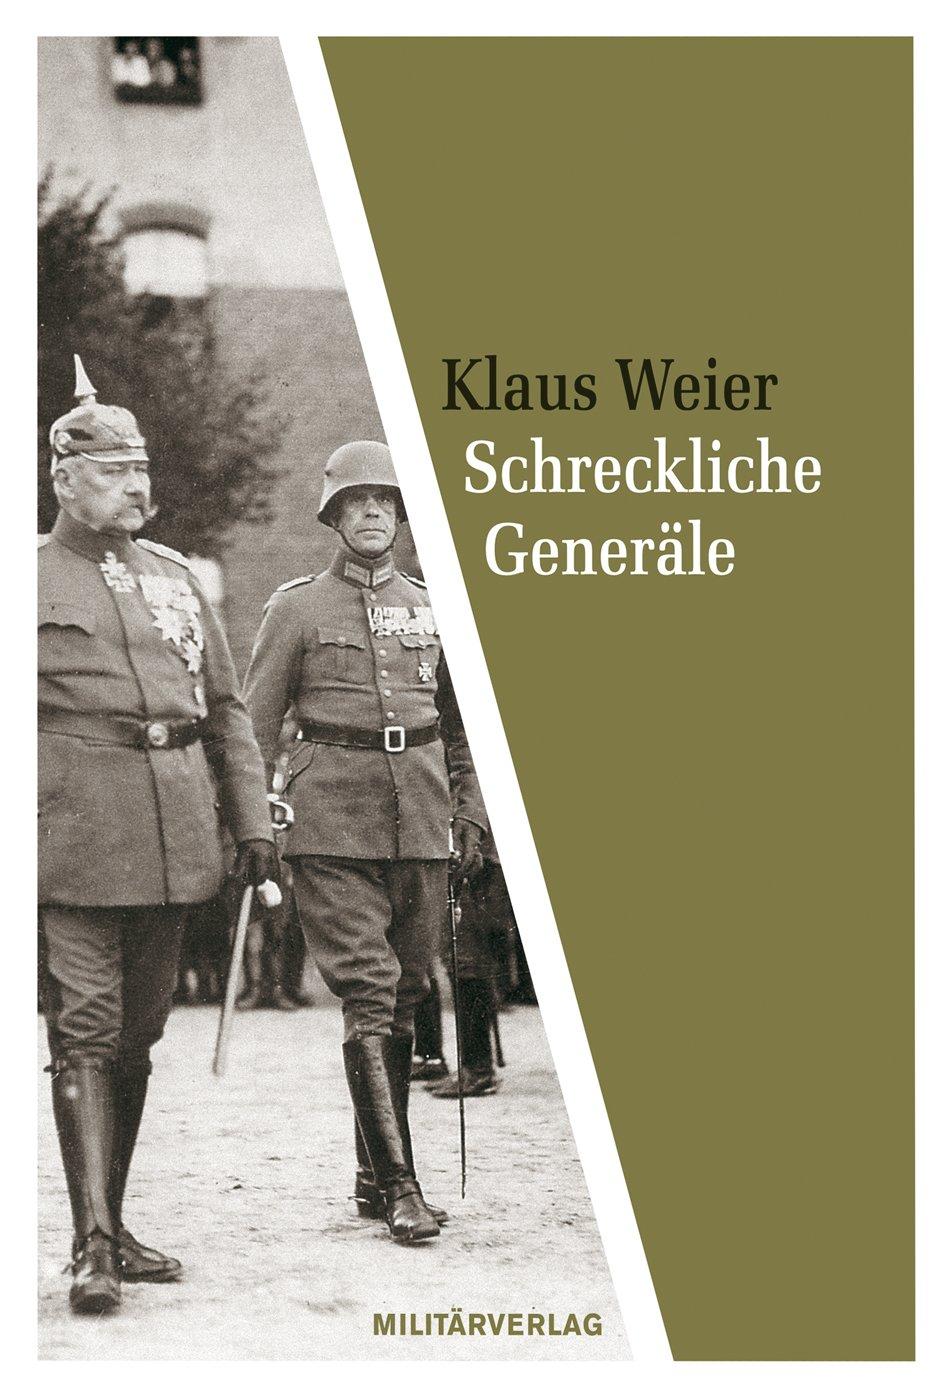 Schreckliche Generäle: Zur Rolle deutscher Militärs 1919-1945 (Militärverlag)